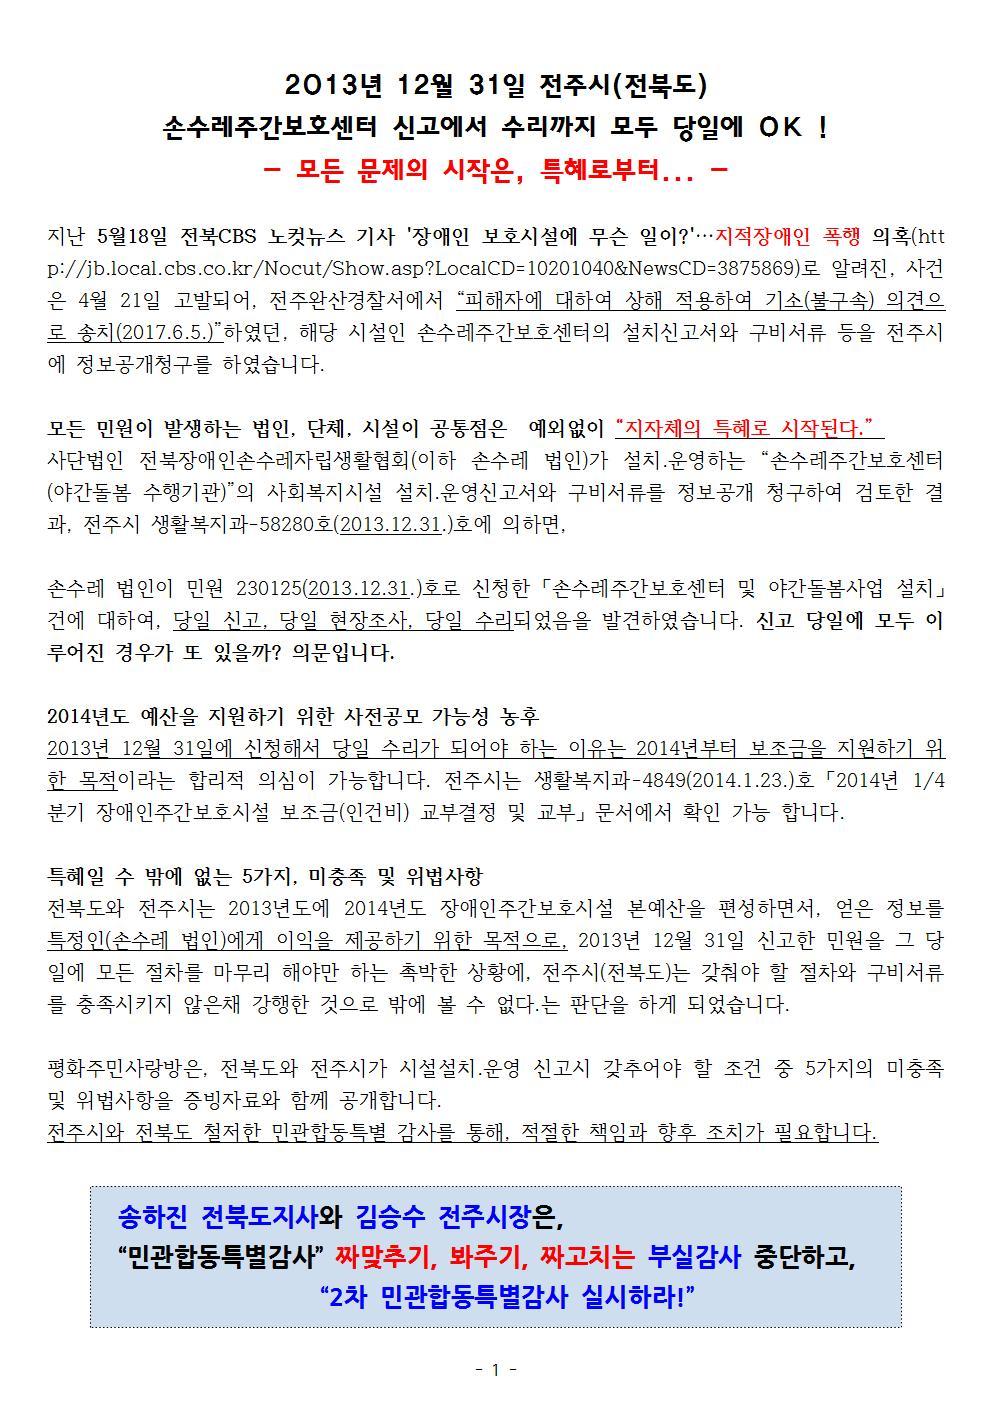 2013년 12월 31일 전주시(전북도), 손수레주간보호센터 신고에서 수리까지 모두 당일에 OK001.jpg